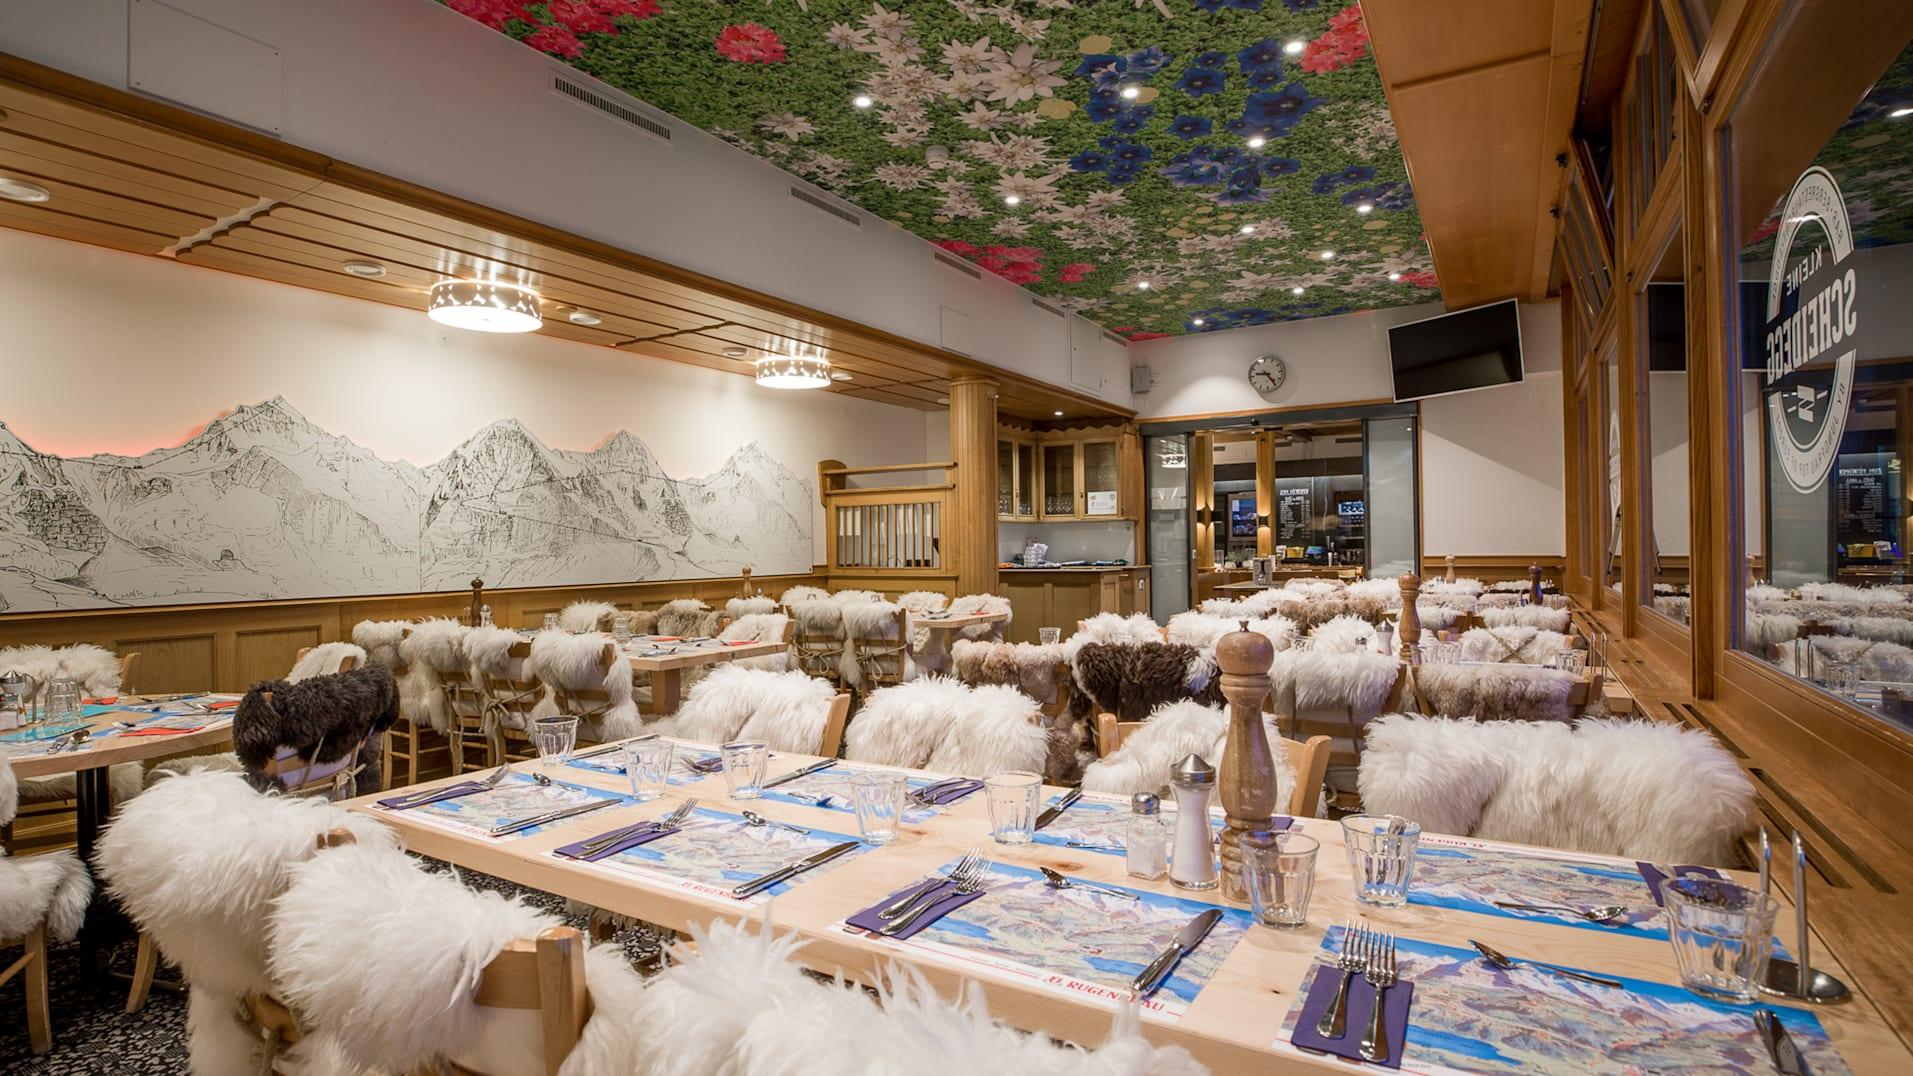 Bergrestaurant-Kleine-Scheidegg, Gastro, Innenaufnahme, Jahreszeit, Kleine-Scheidegg, jungfrau.ch